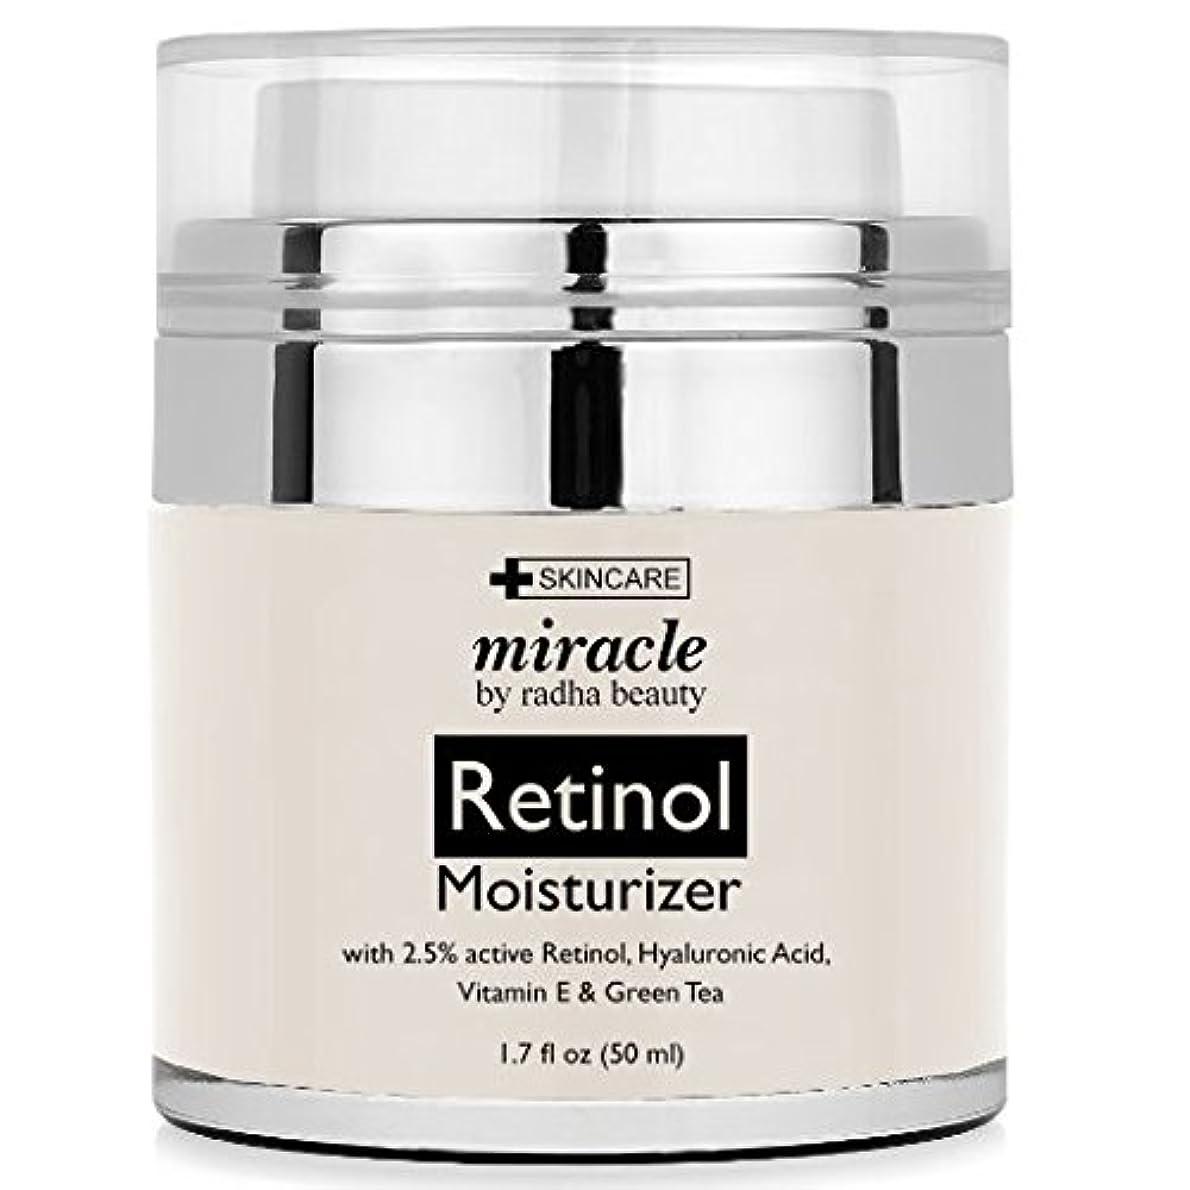 化学者に同意するバックグラウンドレチノール 保湿クリーム Retinol Moisturizer Cream for Face - With Retinol, Hyaluronic Acid, Tea Tree Oil and Jojoba Oil、 50ml (海外直送品) [並行輸入品]